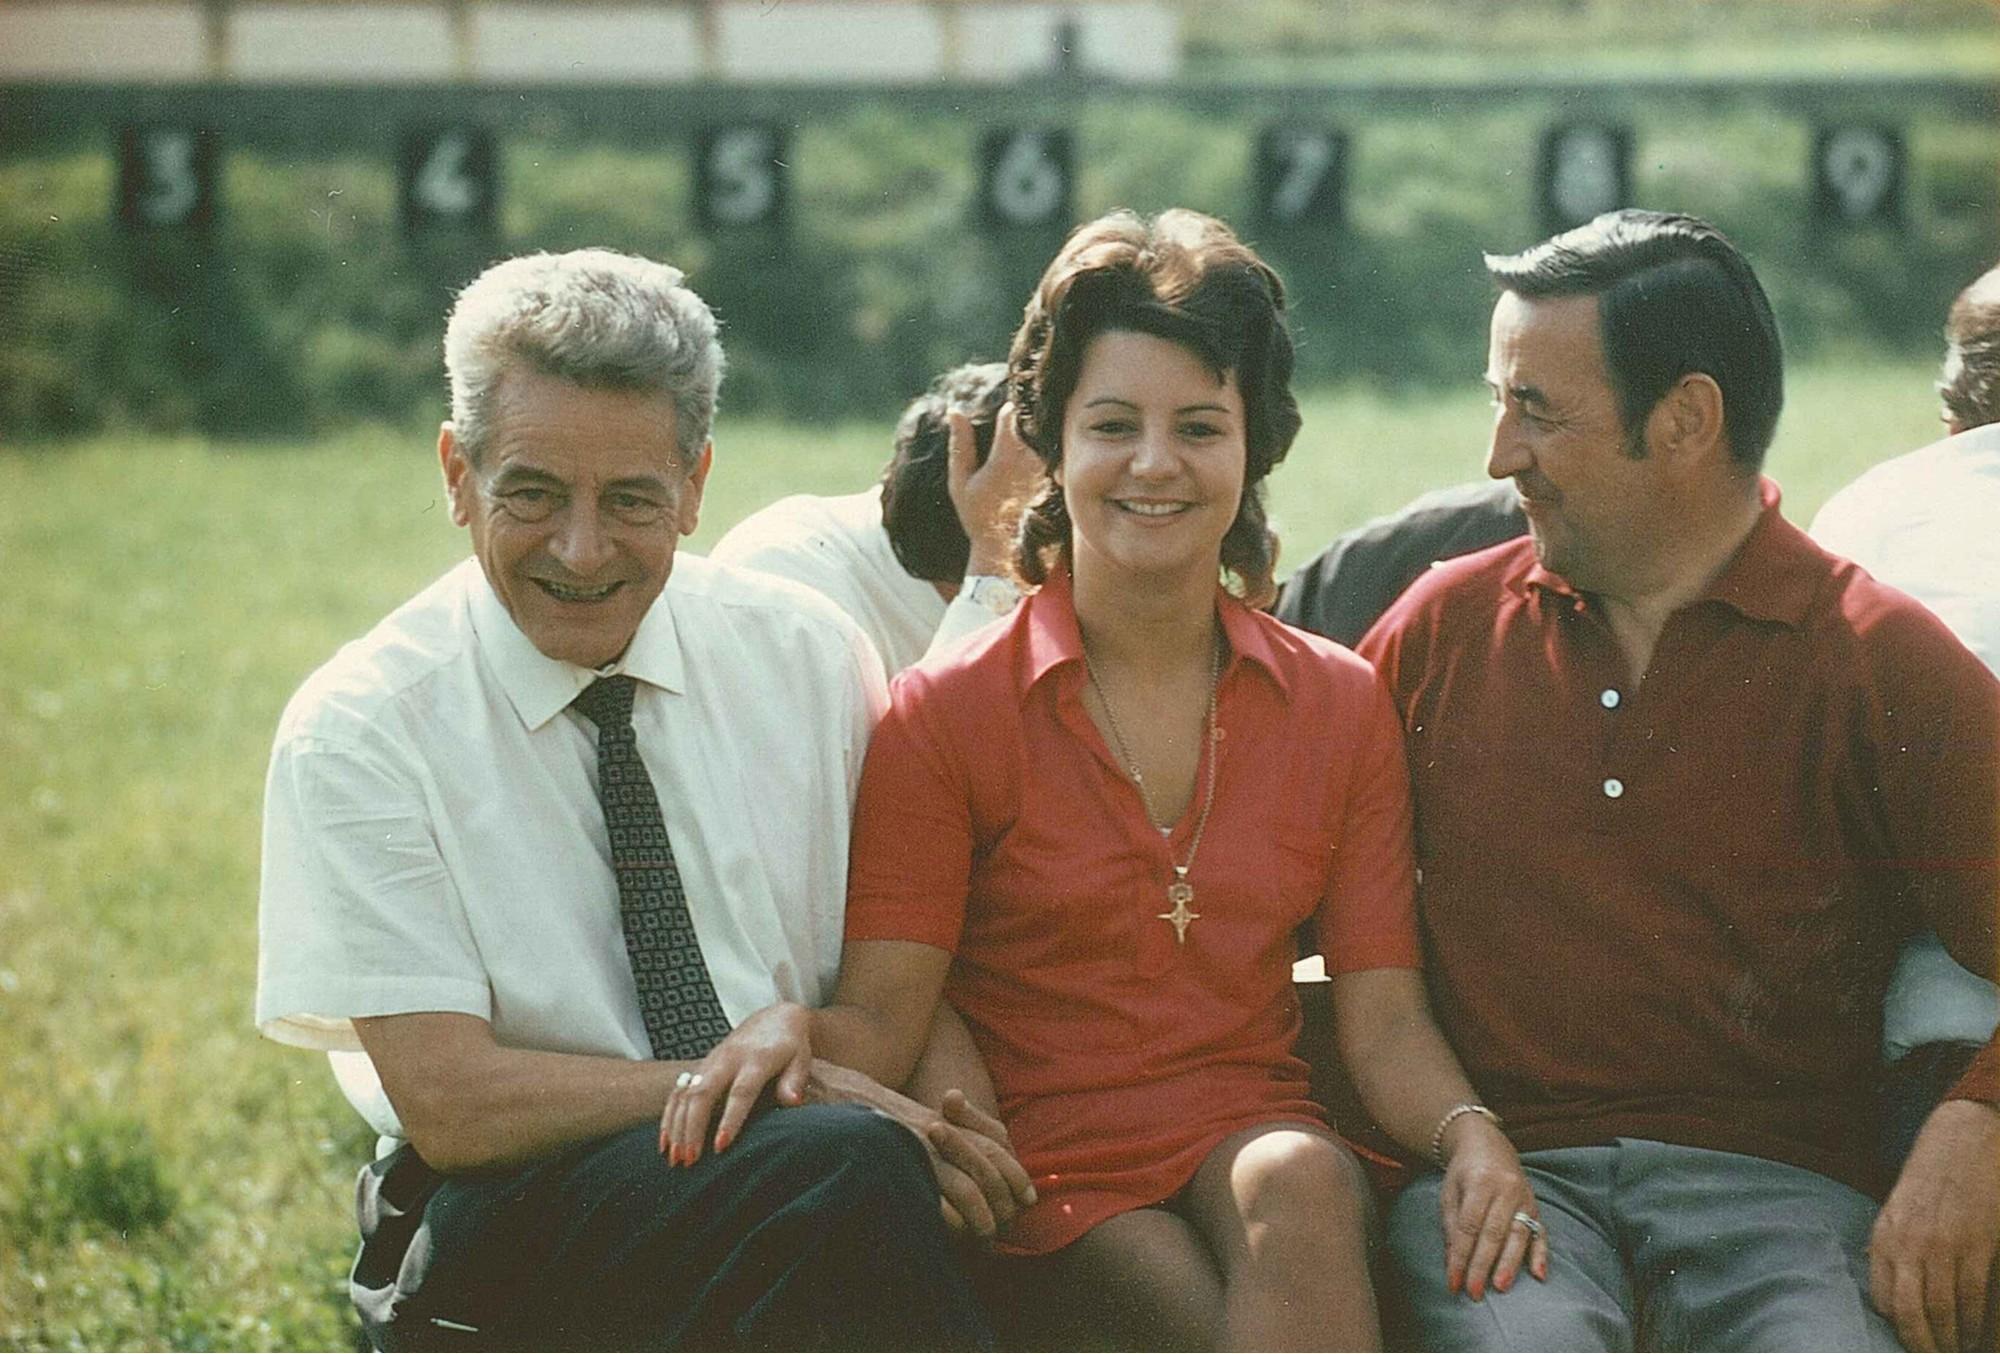 Endschiessen 1973 v.l. Felix H. Riedtmann, Türmliwirtin Bernadette, Henry Scherler